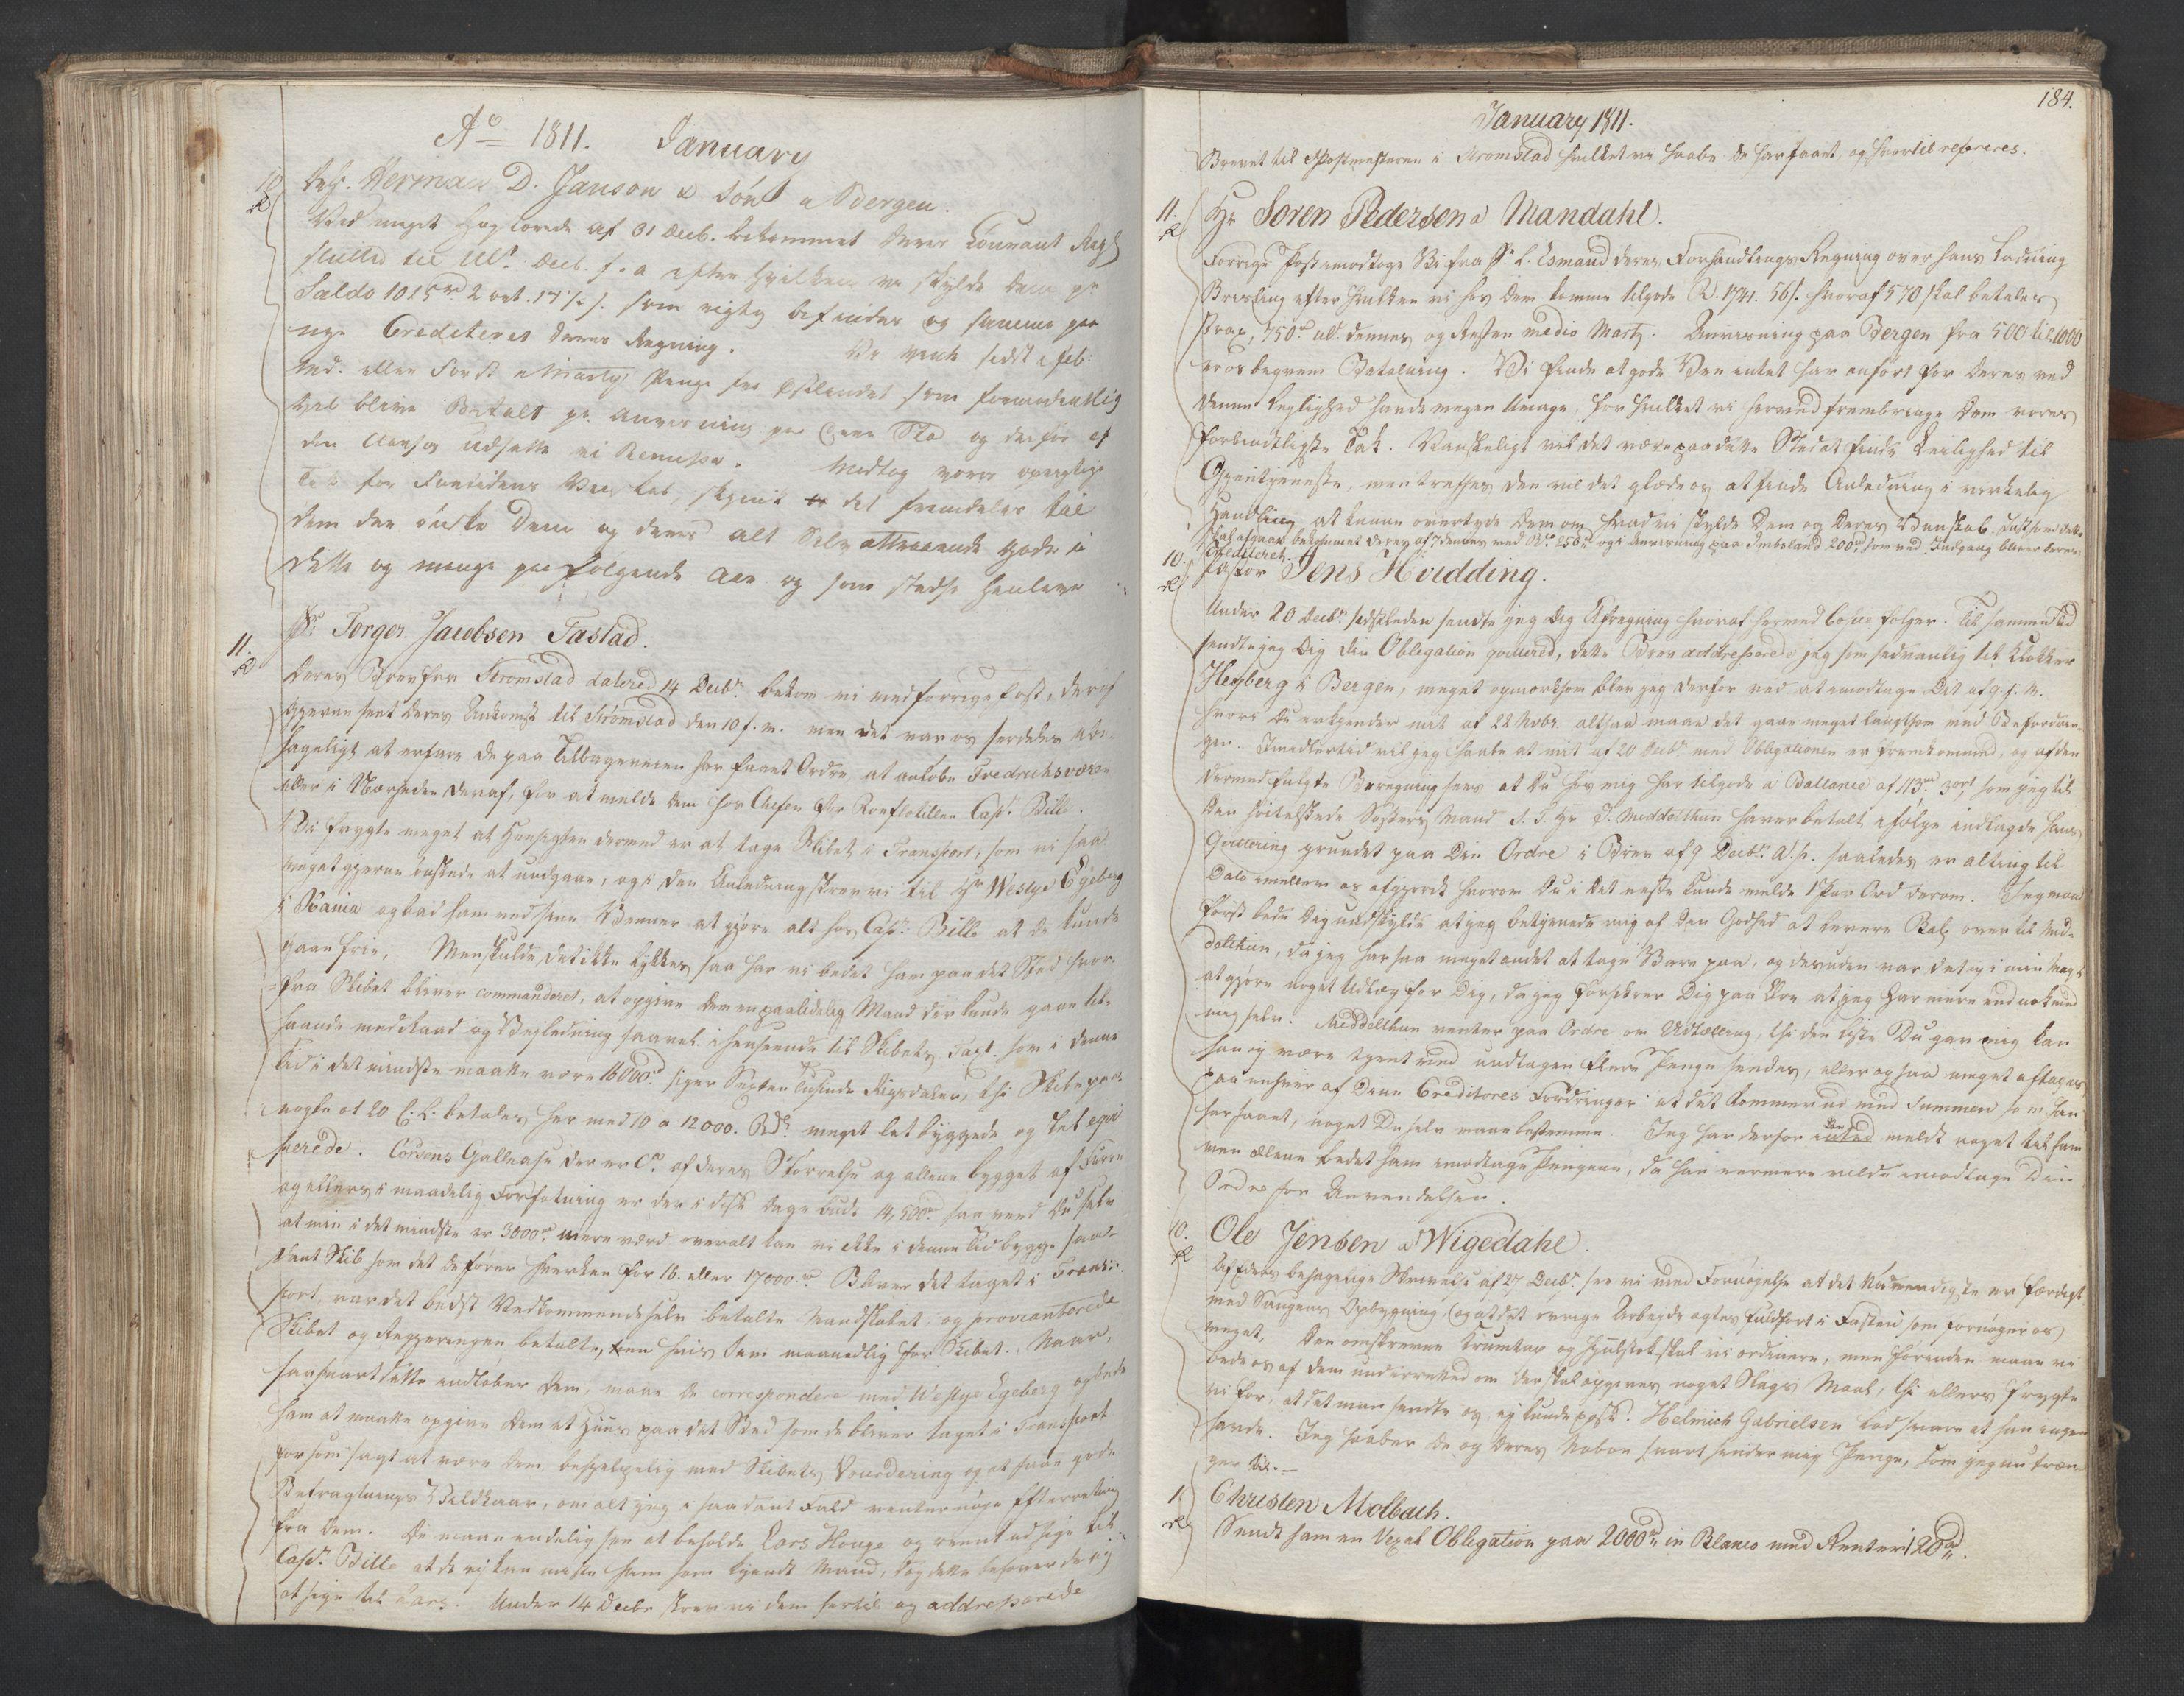 SAST, Pa 0003 - Ploug & Sundt, handelshuset, B/L0009: Kopibok, 1805-1816, s. 183b-184a